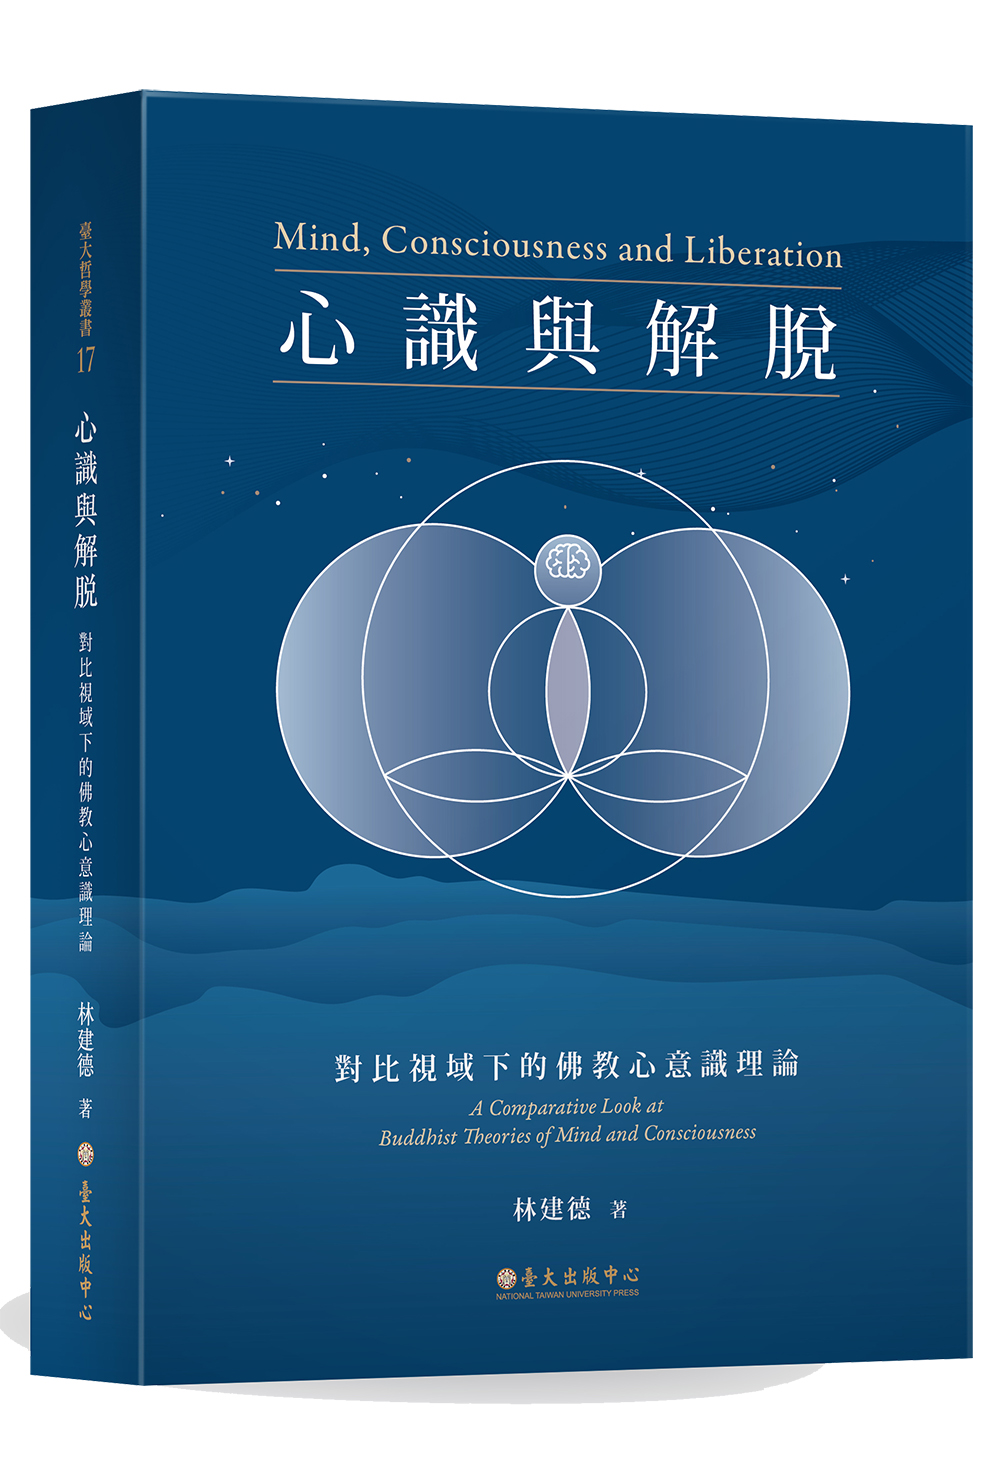 心識與解脫──對比視域下的佛教心意識理論